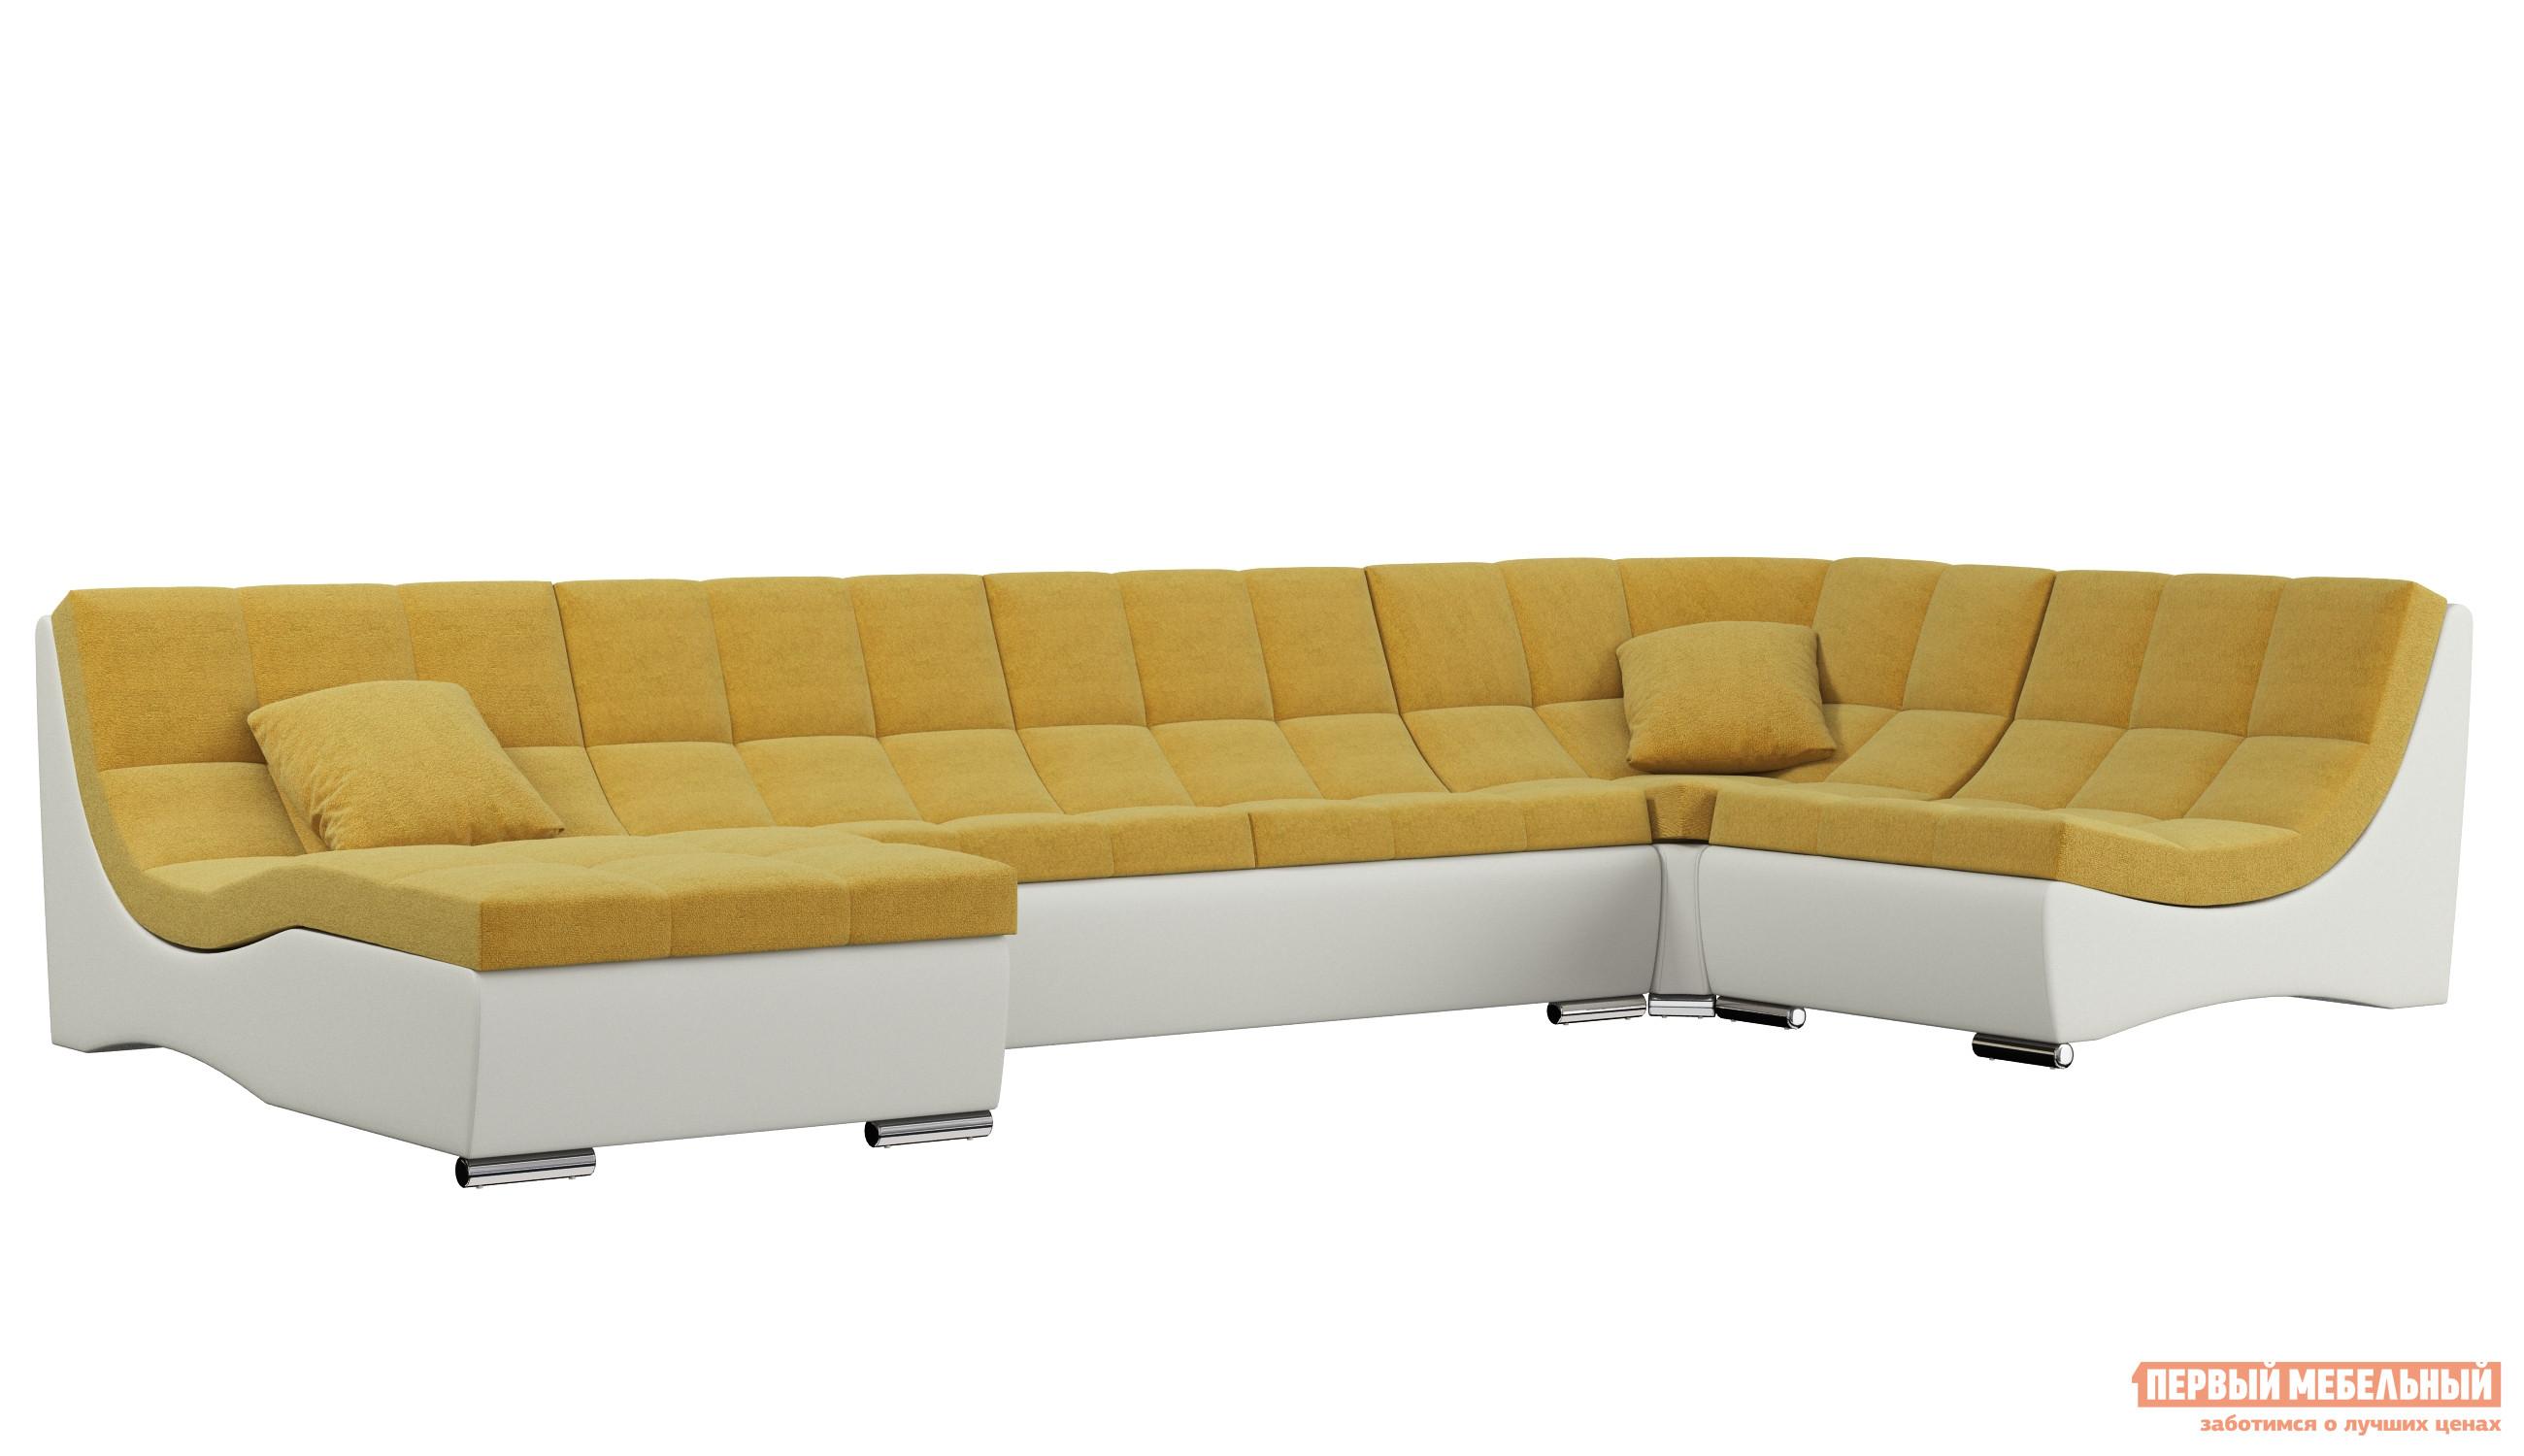 Угловой диван WOODCRAFT Монреаль Канапе диван угловой woodcraft вендор джеральд 3 универсальный